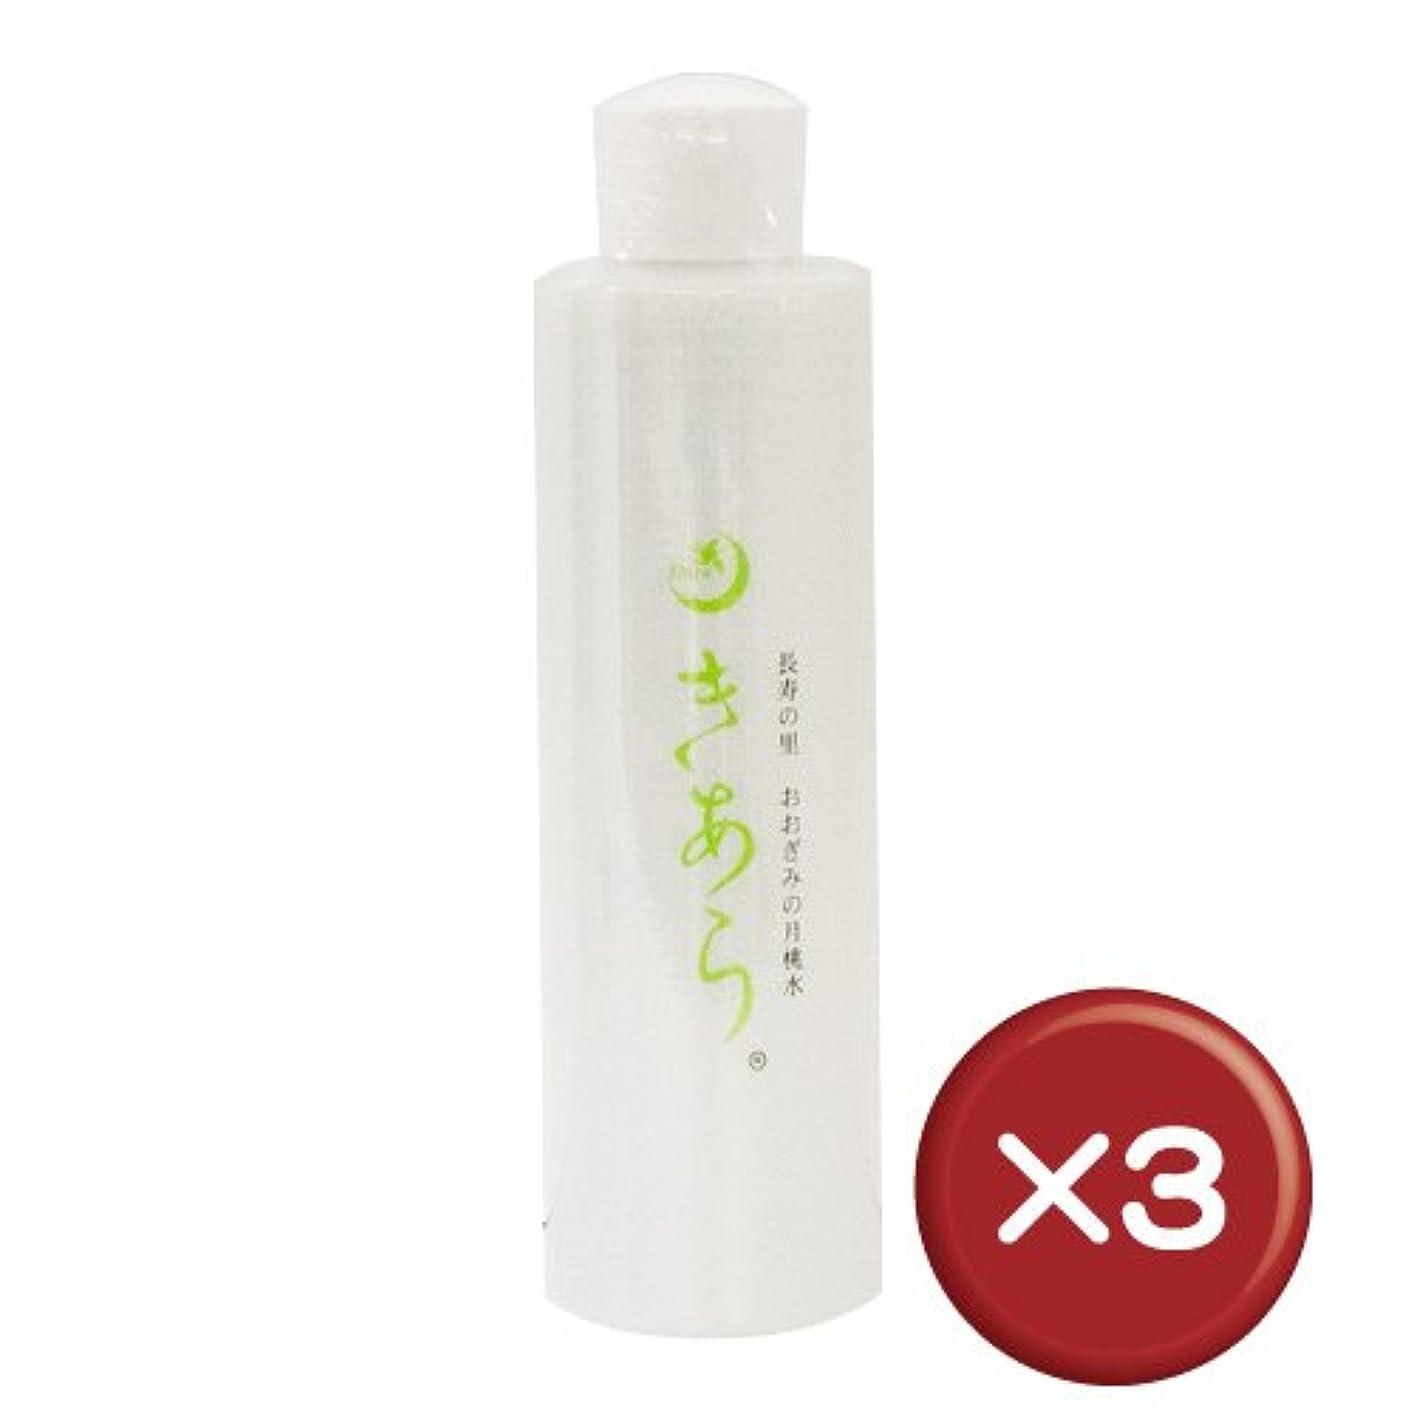 化粧水きあら(詰替え用) 200ml 3本セット